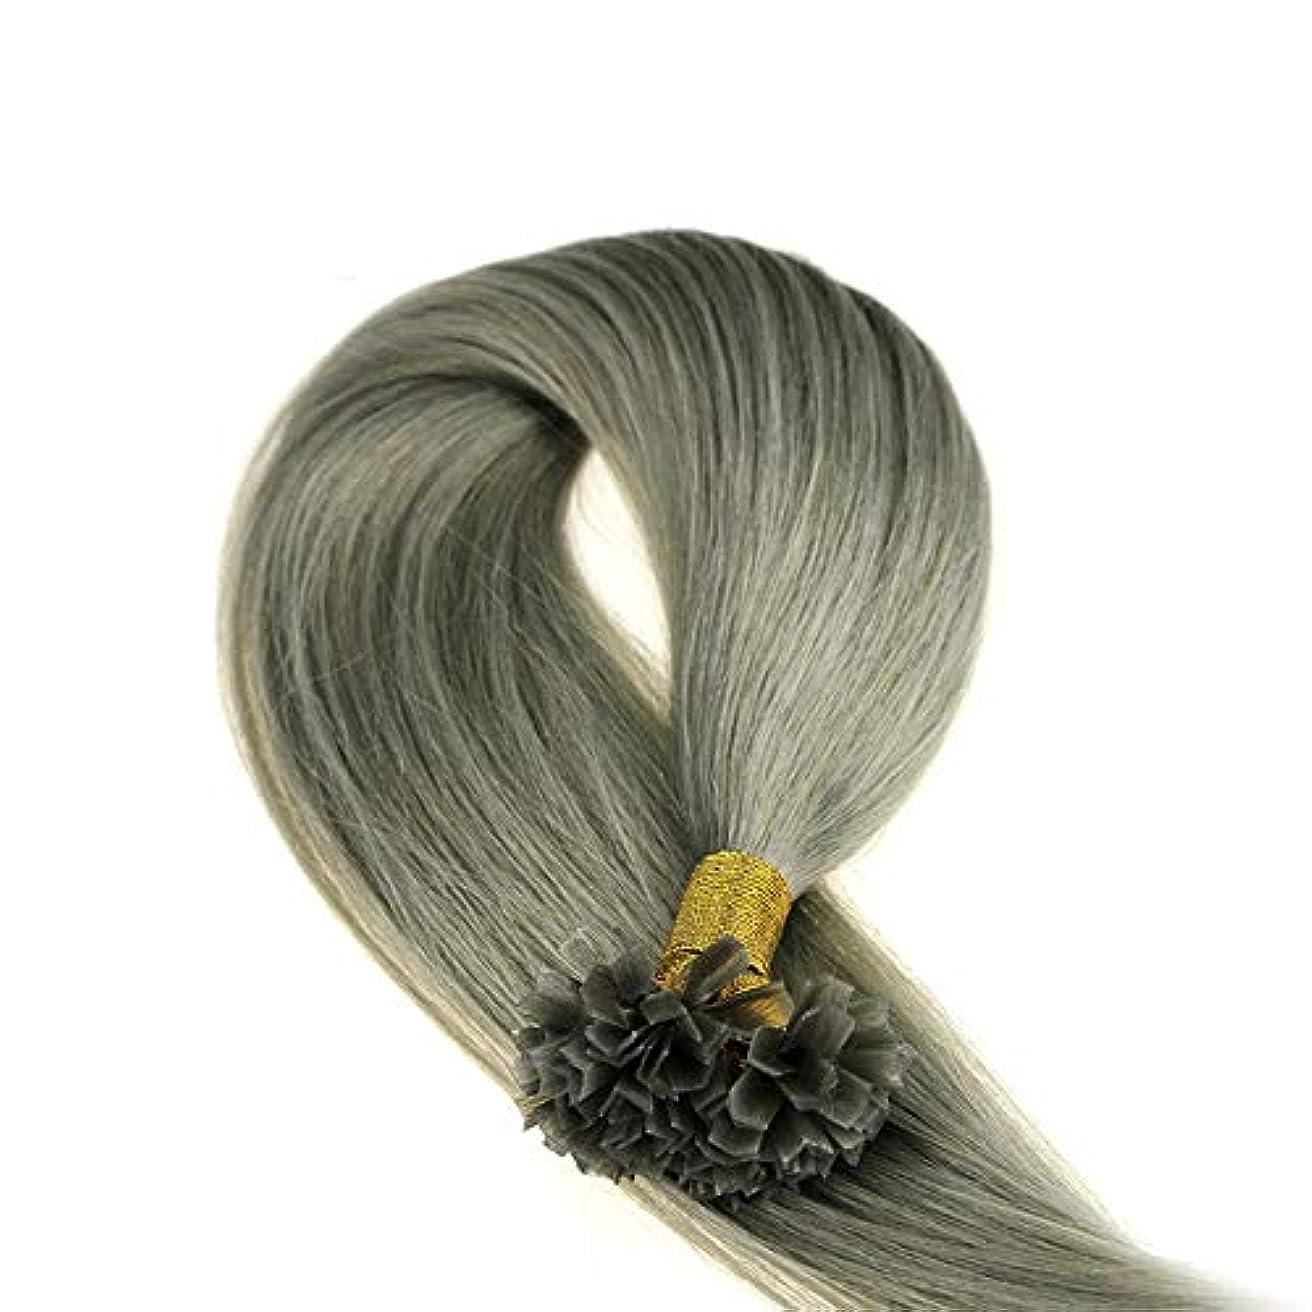 チョーク火傷見物人WASAIO ヘアエクステンションクリップUnseamed髪型交換ミックスグレー色のデュアル人間の髪を引かれます (色 : グレー, サイズ : 12 inch)